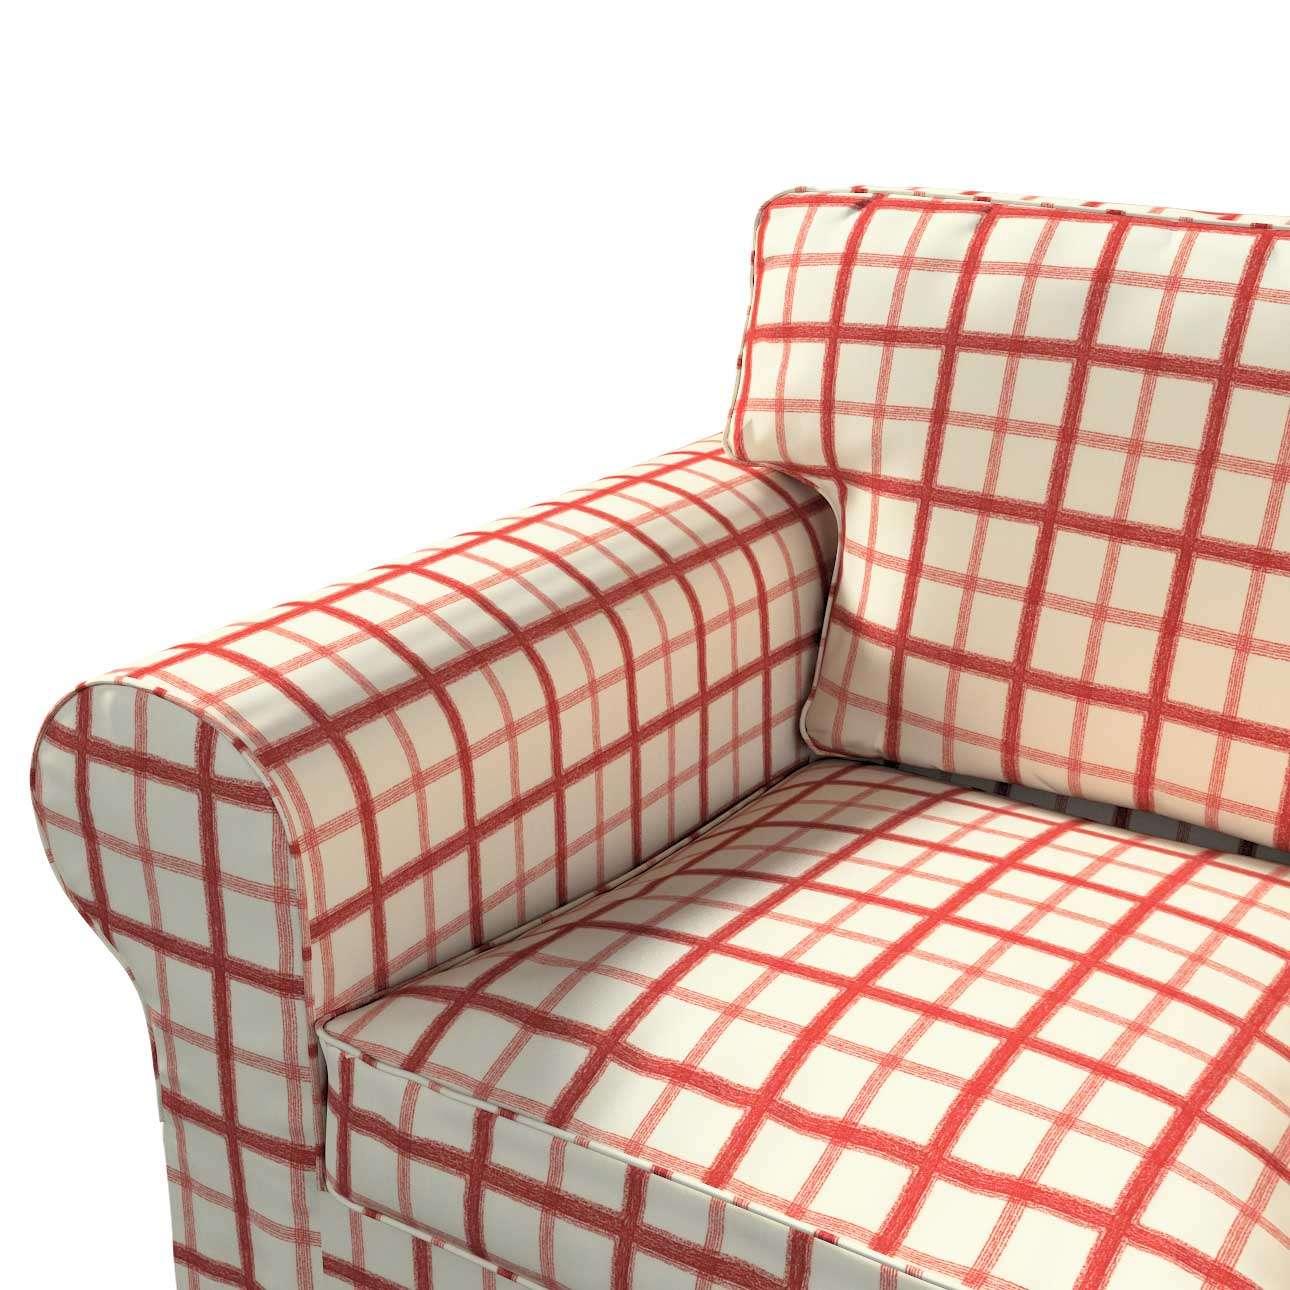 Bezug für Ektorp 2-Sitzer Schlafsofa ALTES Modell von der Kollektion Avinon, Stoff: 131-15